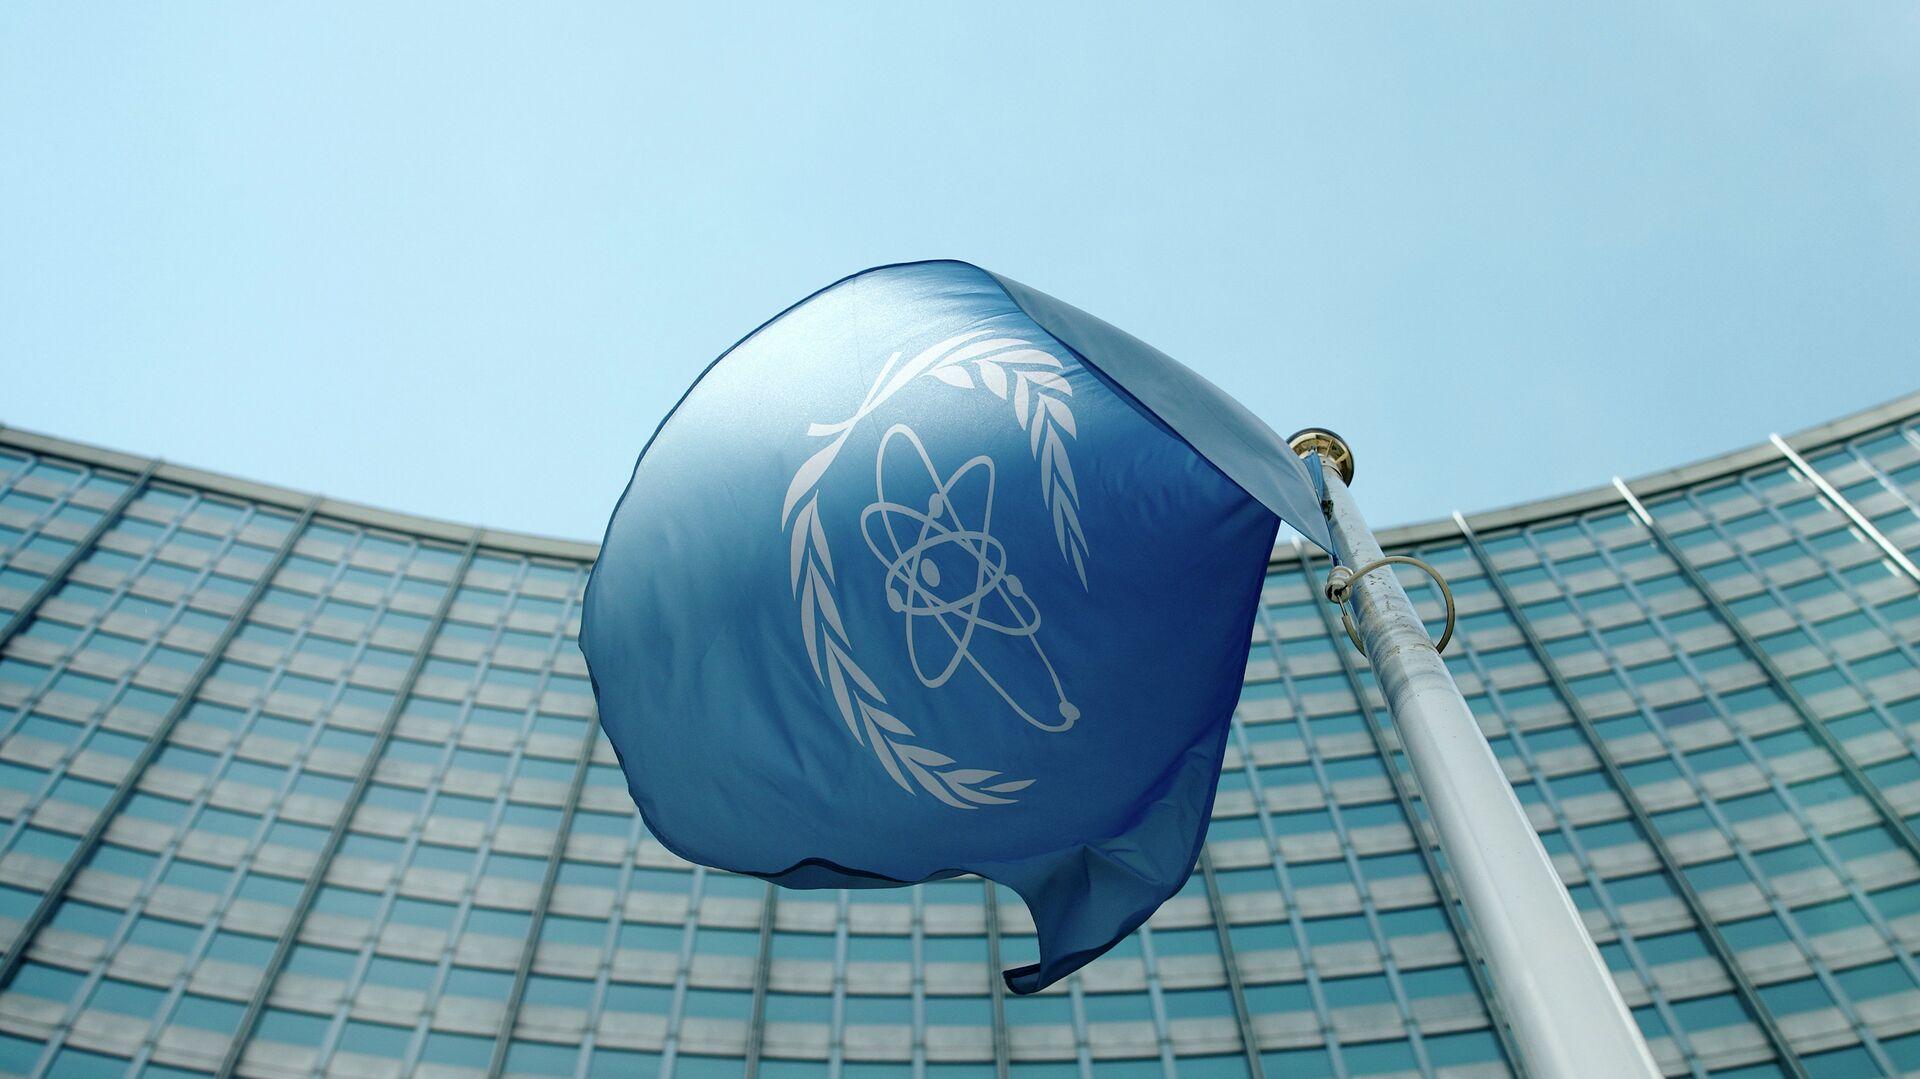 La bandera del Organismo Internacional de Energía Atómica - Sputnik Mundo, 1920, 08.09.2021